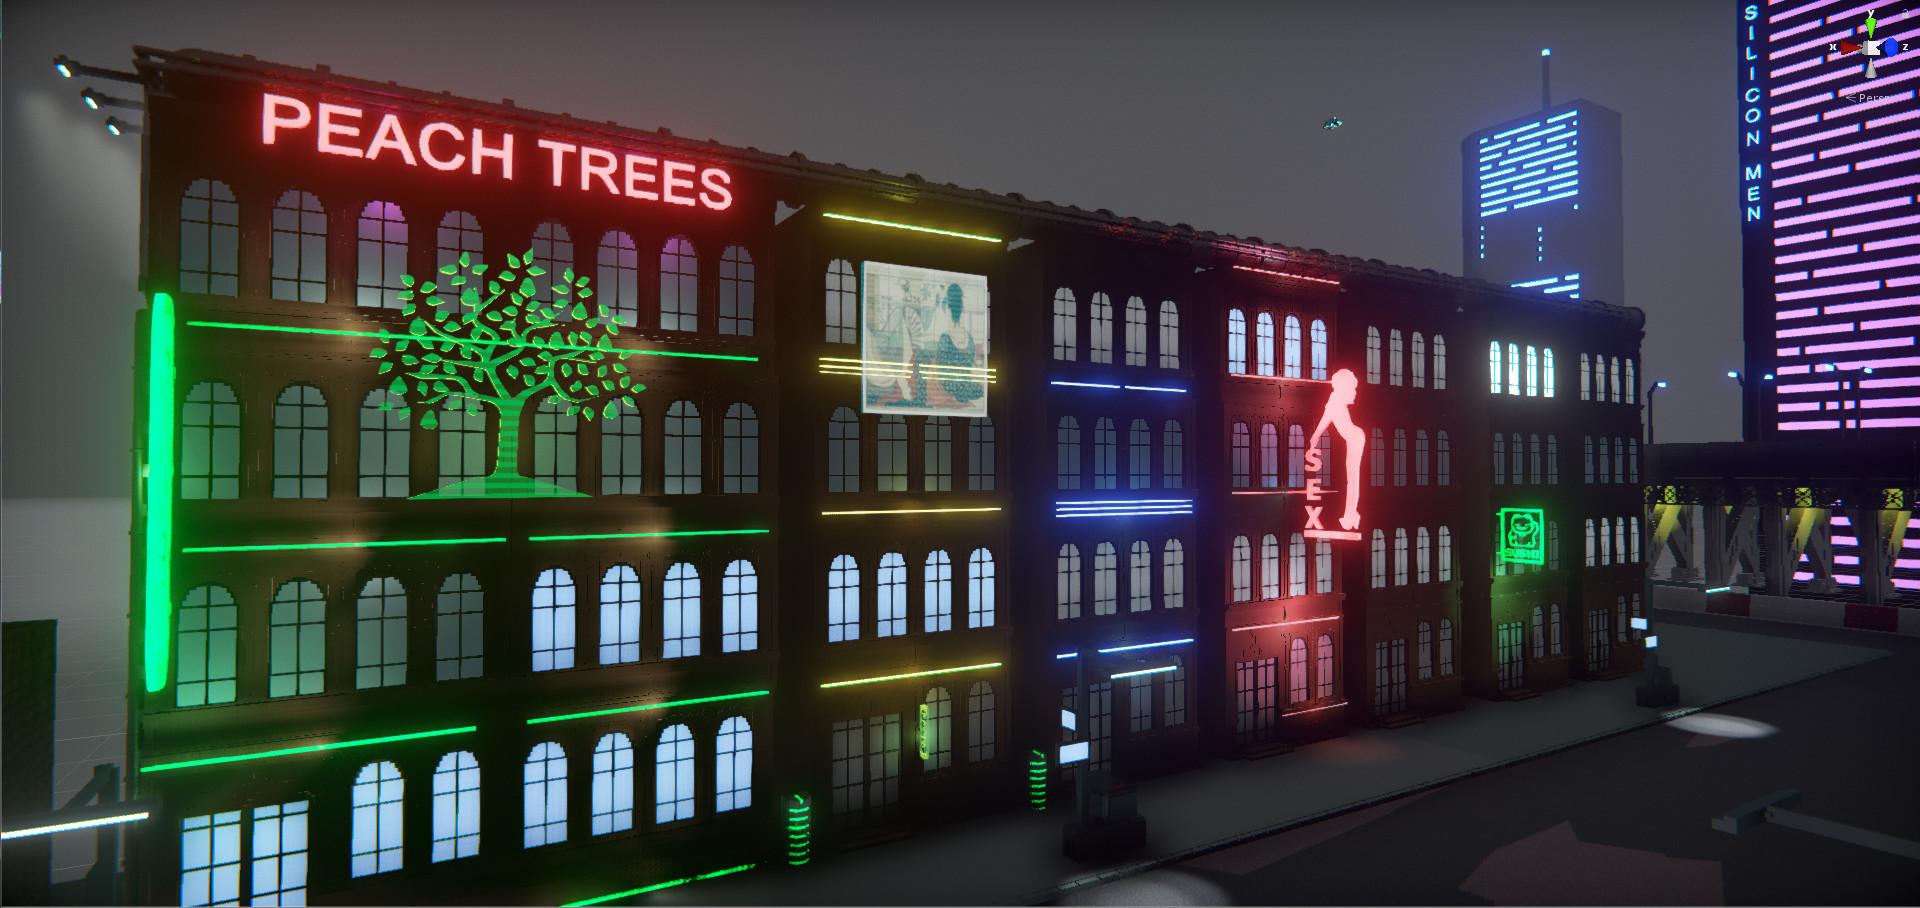 Adding more details: billboard, lights, etc